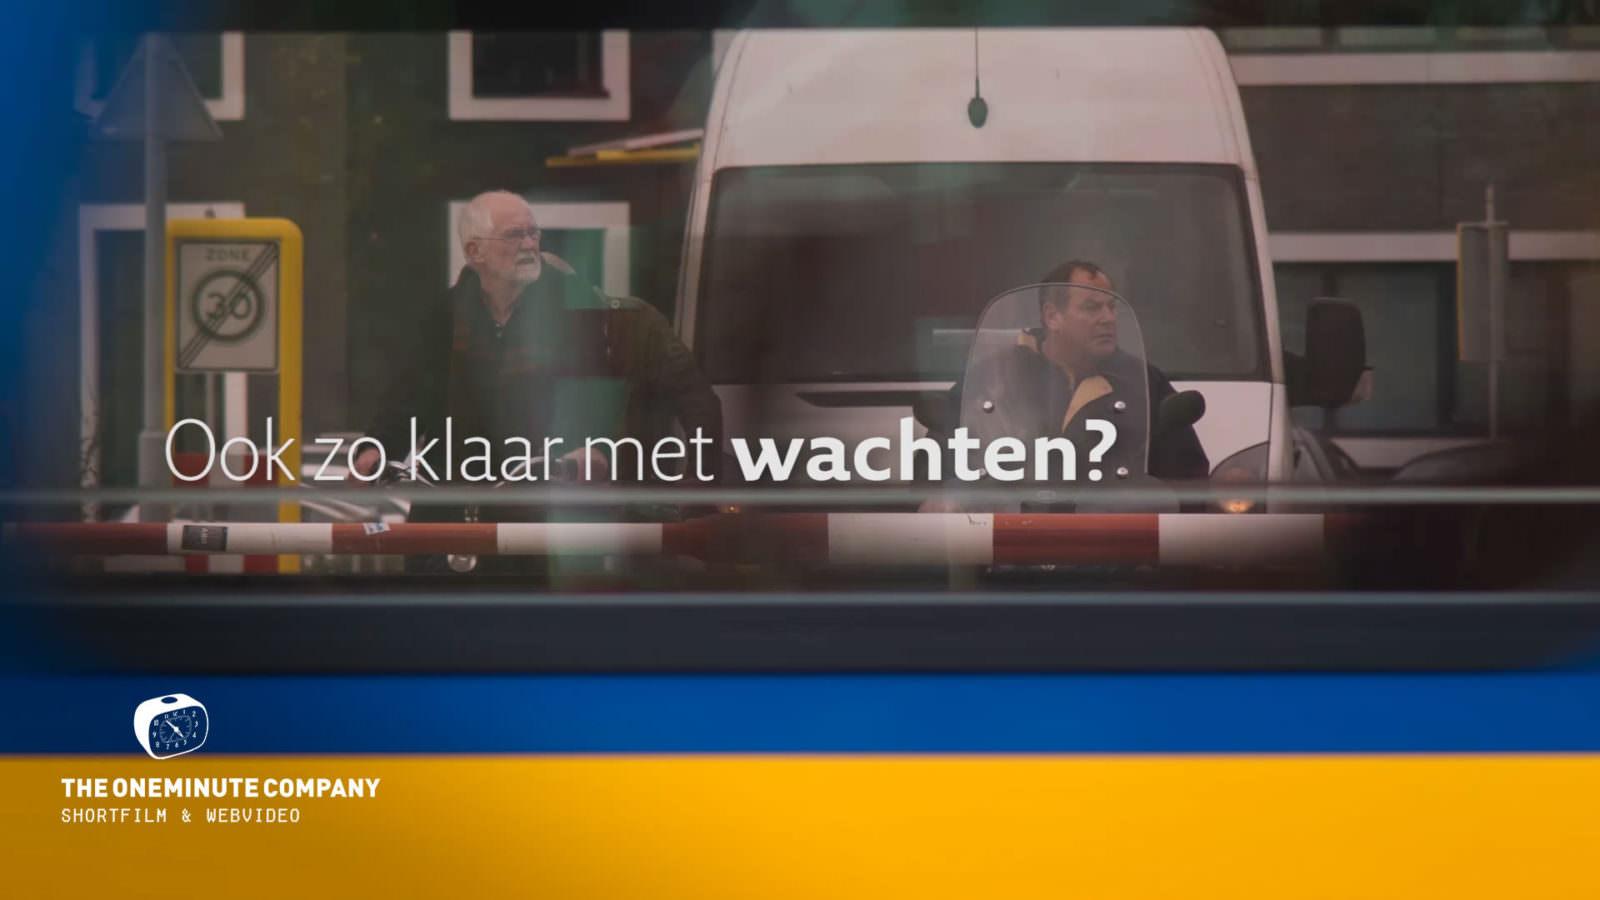 One minute teaser   Ook zo klaar met wachten? - Tunnels Zutphen - Social media video